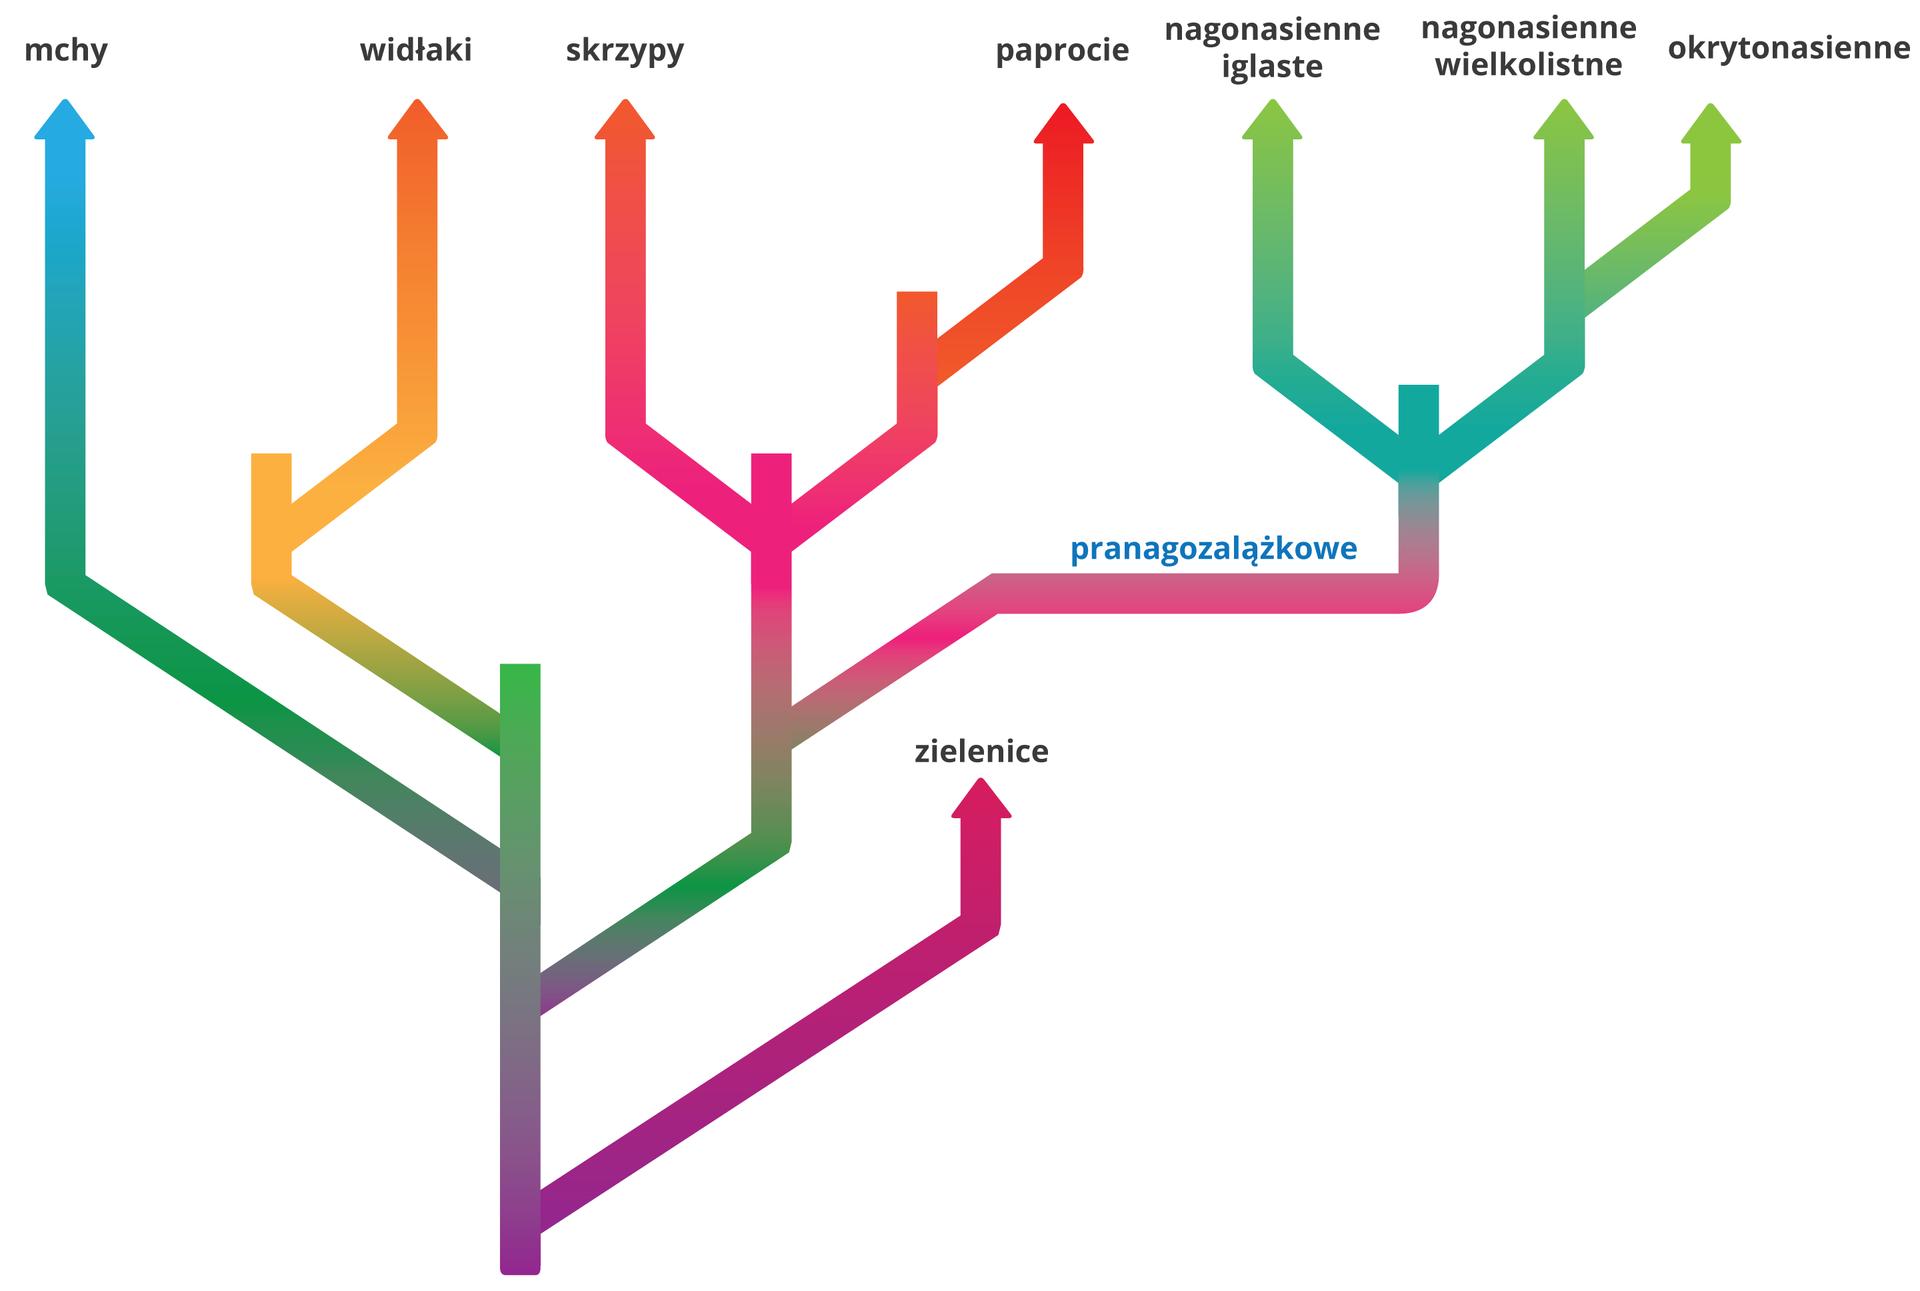 Ilustracja przedstawia drzewo rodowe rozgałęziające się na prawo ilewo. Upodstawy pnia są zielenice, których linia odchodzi wprawo jako organizmów współczesnych. Nieco wyżej wprawo odchodzi linia, która dzieli się najpierw na pranagozalążkowe, apotem na linie wiodące do skrzypów ipaproci. Pranagozalążkowe dzielą się na nagonasienne iglaste, nagonasienne wielkolistne, od których odchodzi linia di okrytonasiennych. Od głównego pnia wlewą stronę odchodzą linie najpierw do mchów, potem do widłaków.